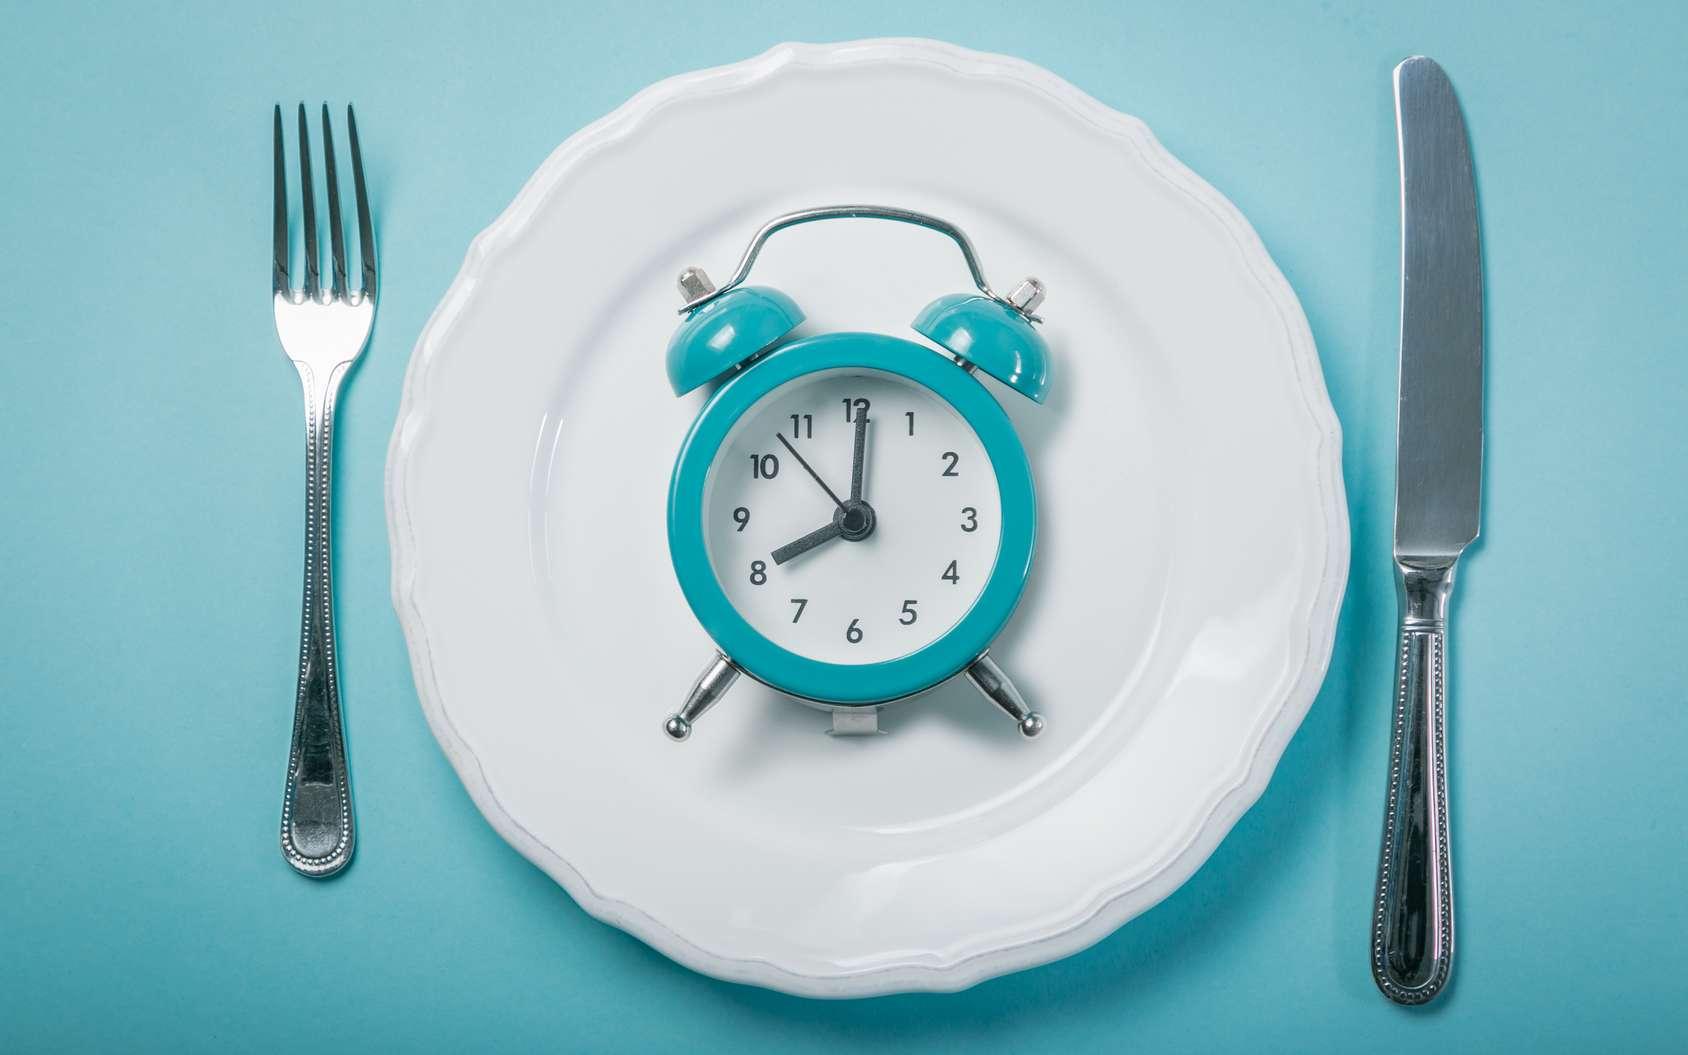 Chronutrition : à quelle heure le corps stocke-t-il le plus de calories ? © anaumenko, Fotolia